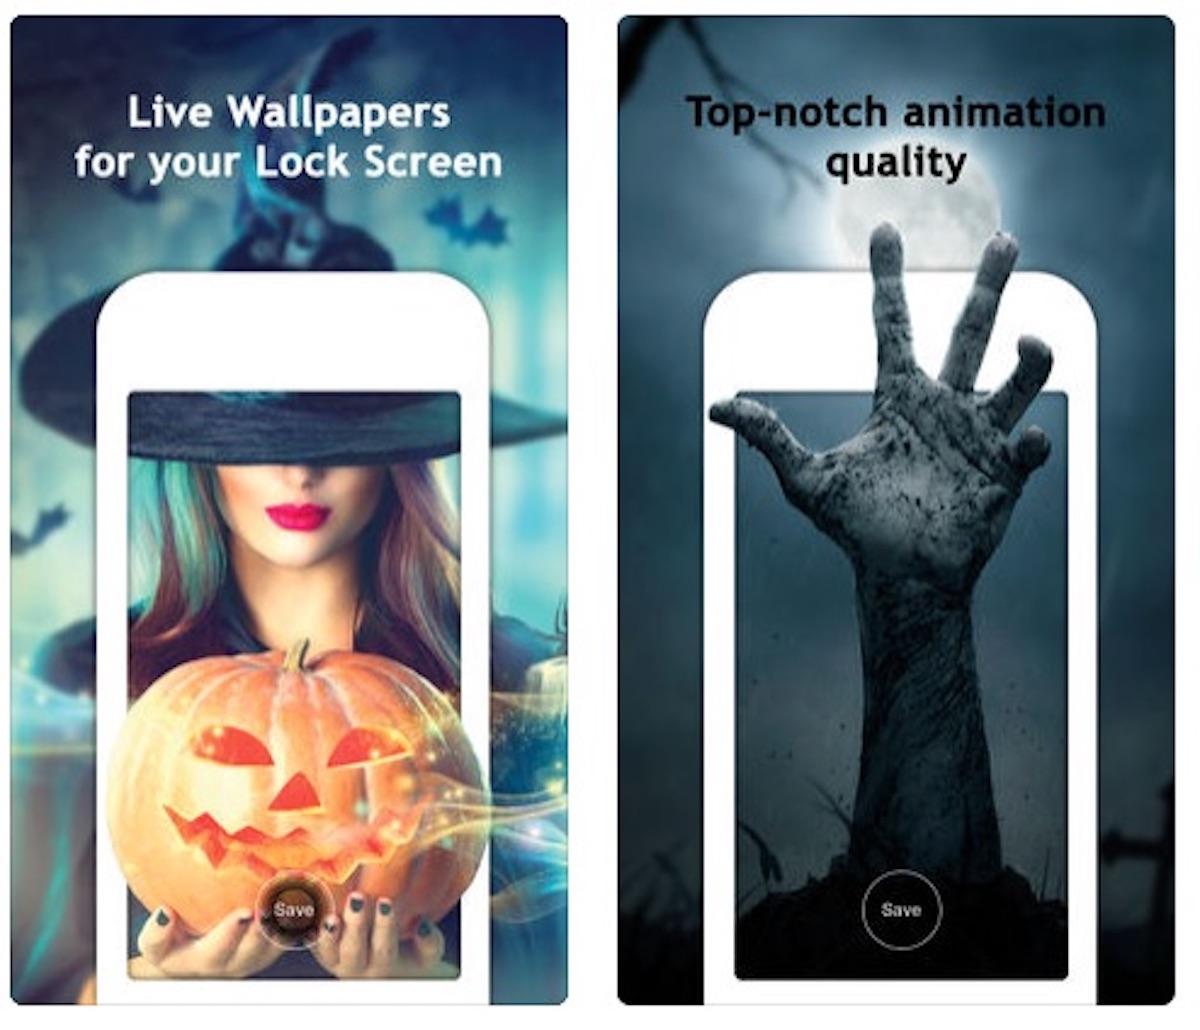 Una notte da brividi con le migliori app di Halloween per iPhone e iPad